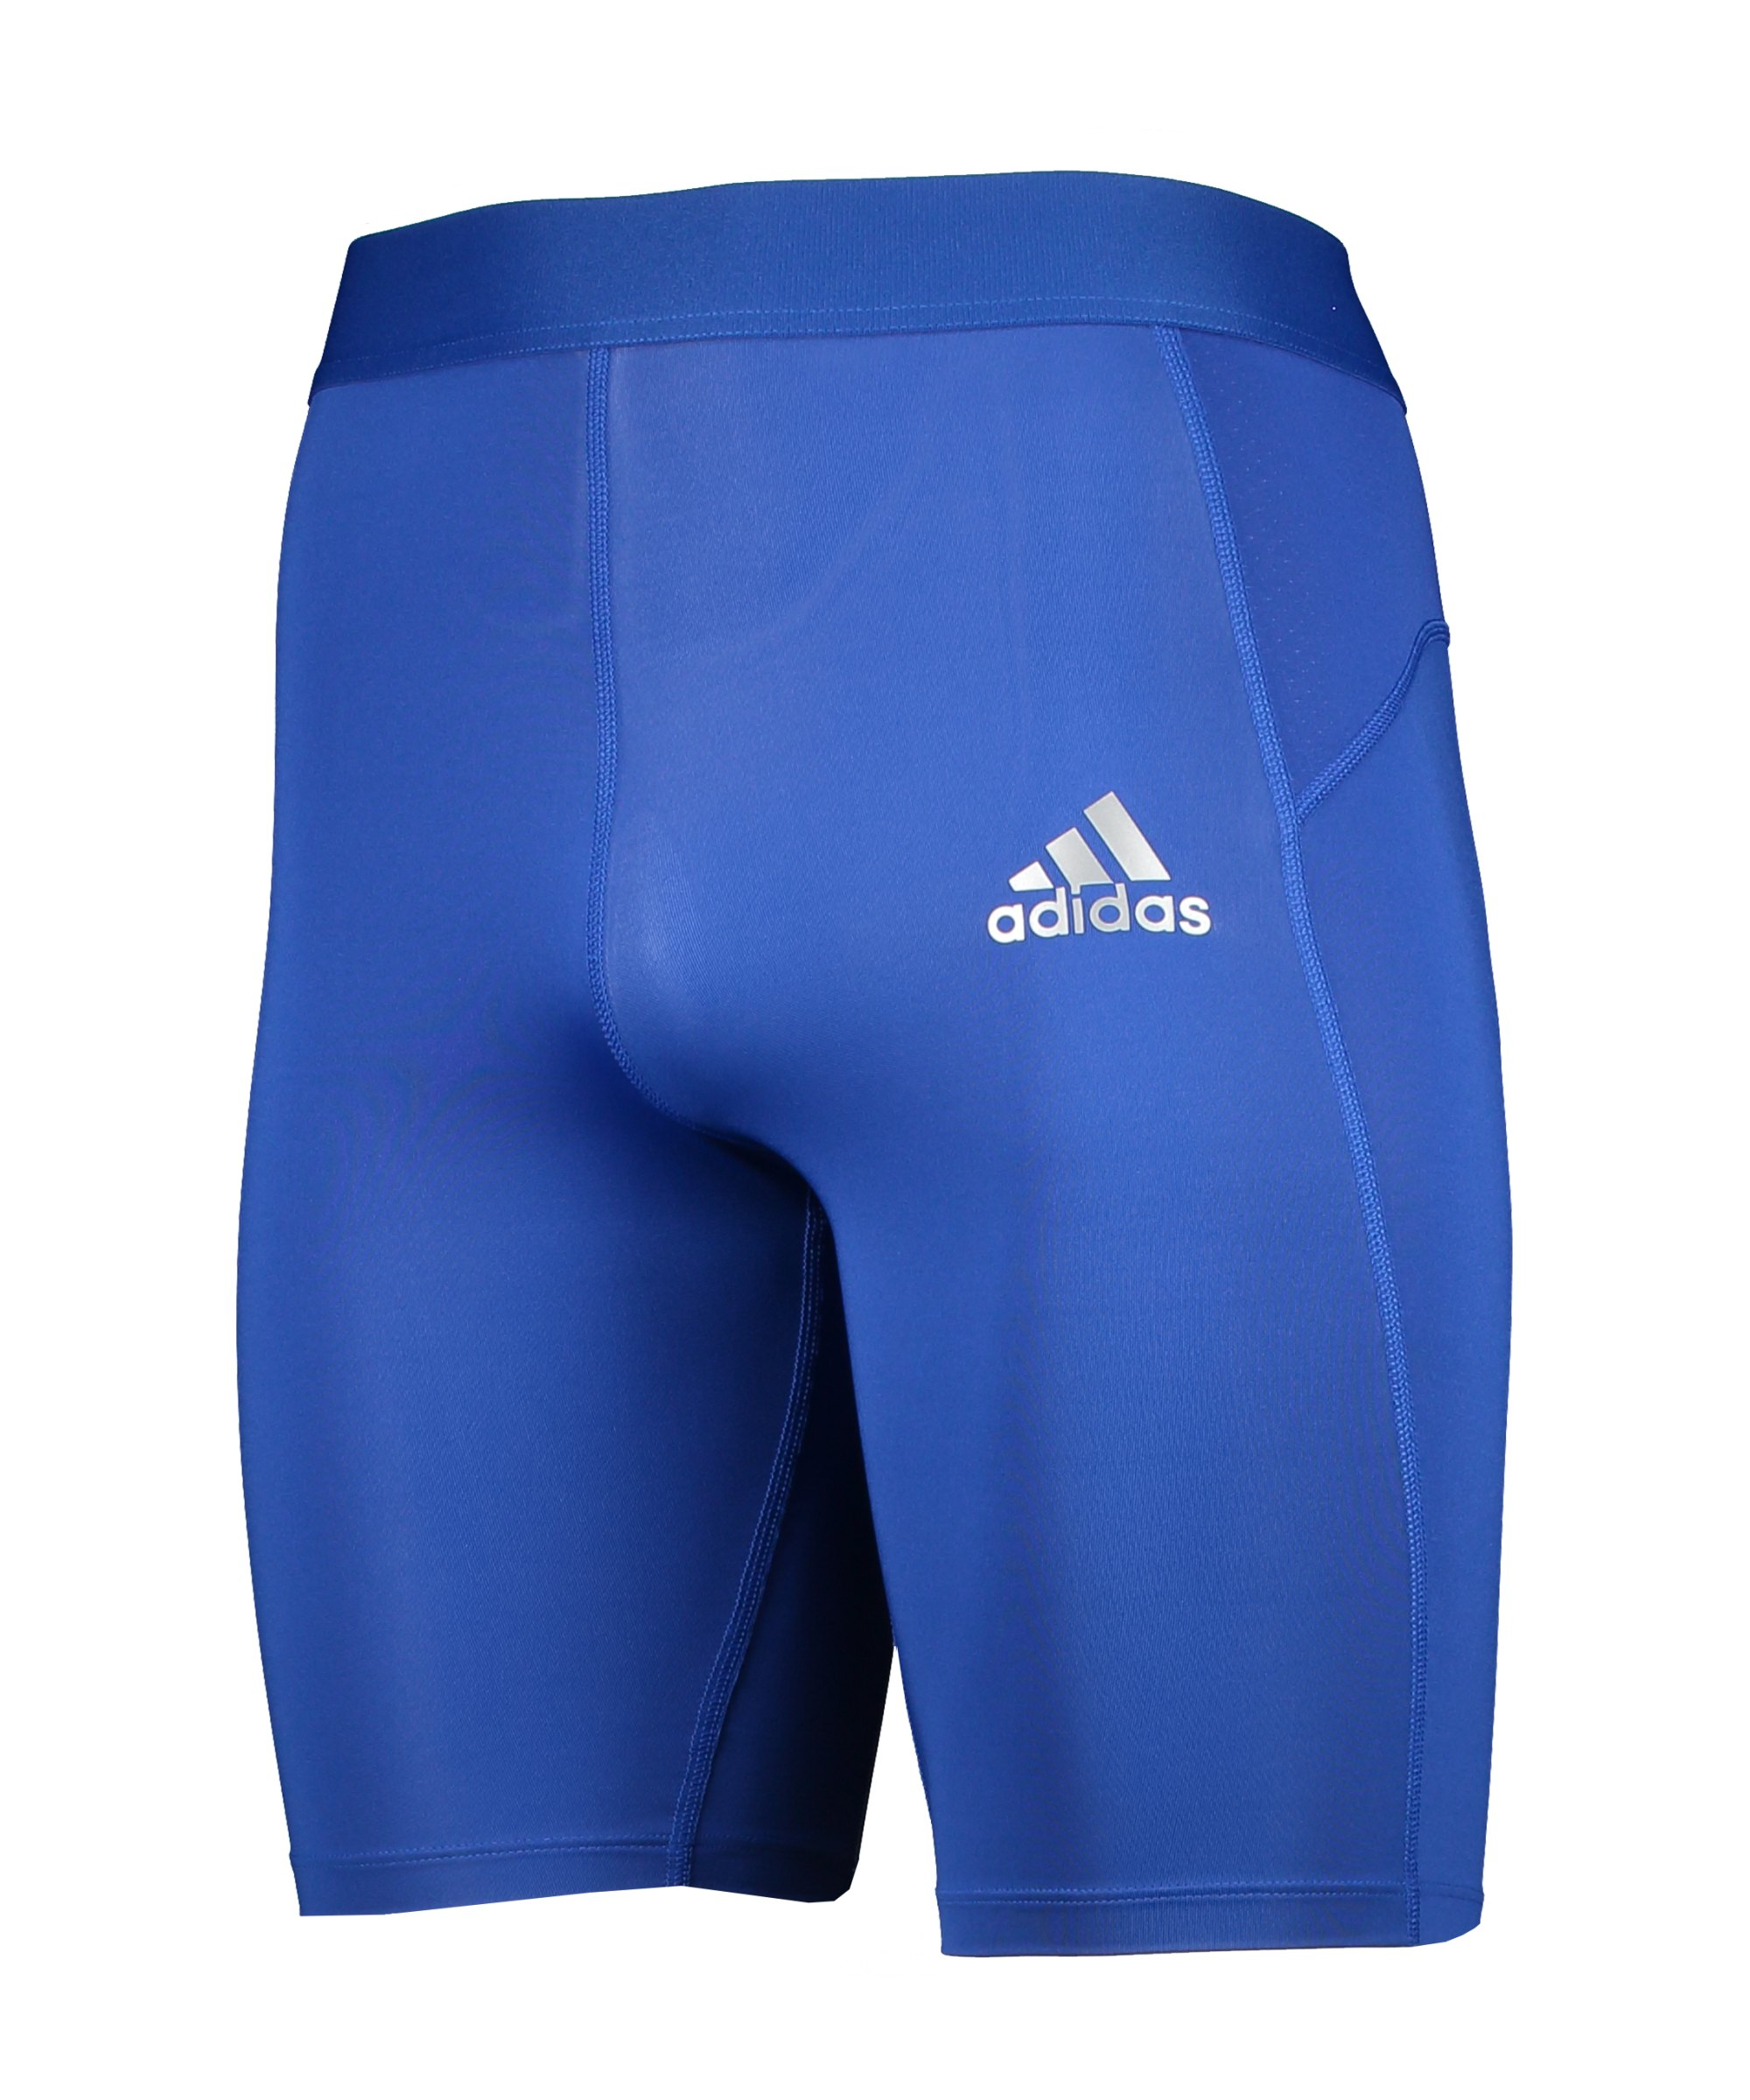 adidas Techfit Short Blau - blau